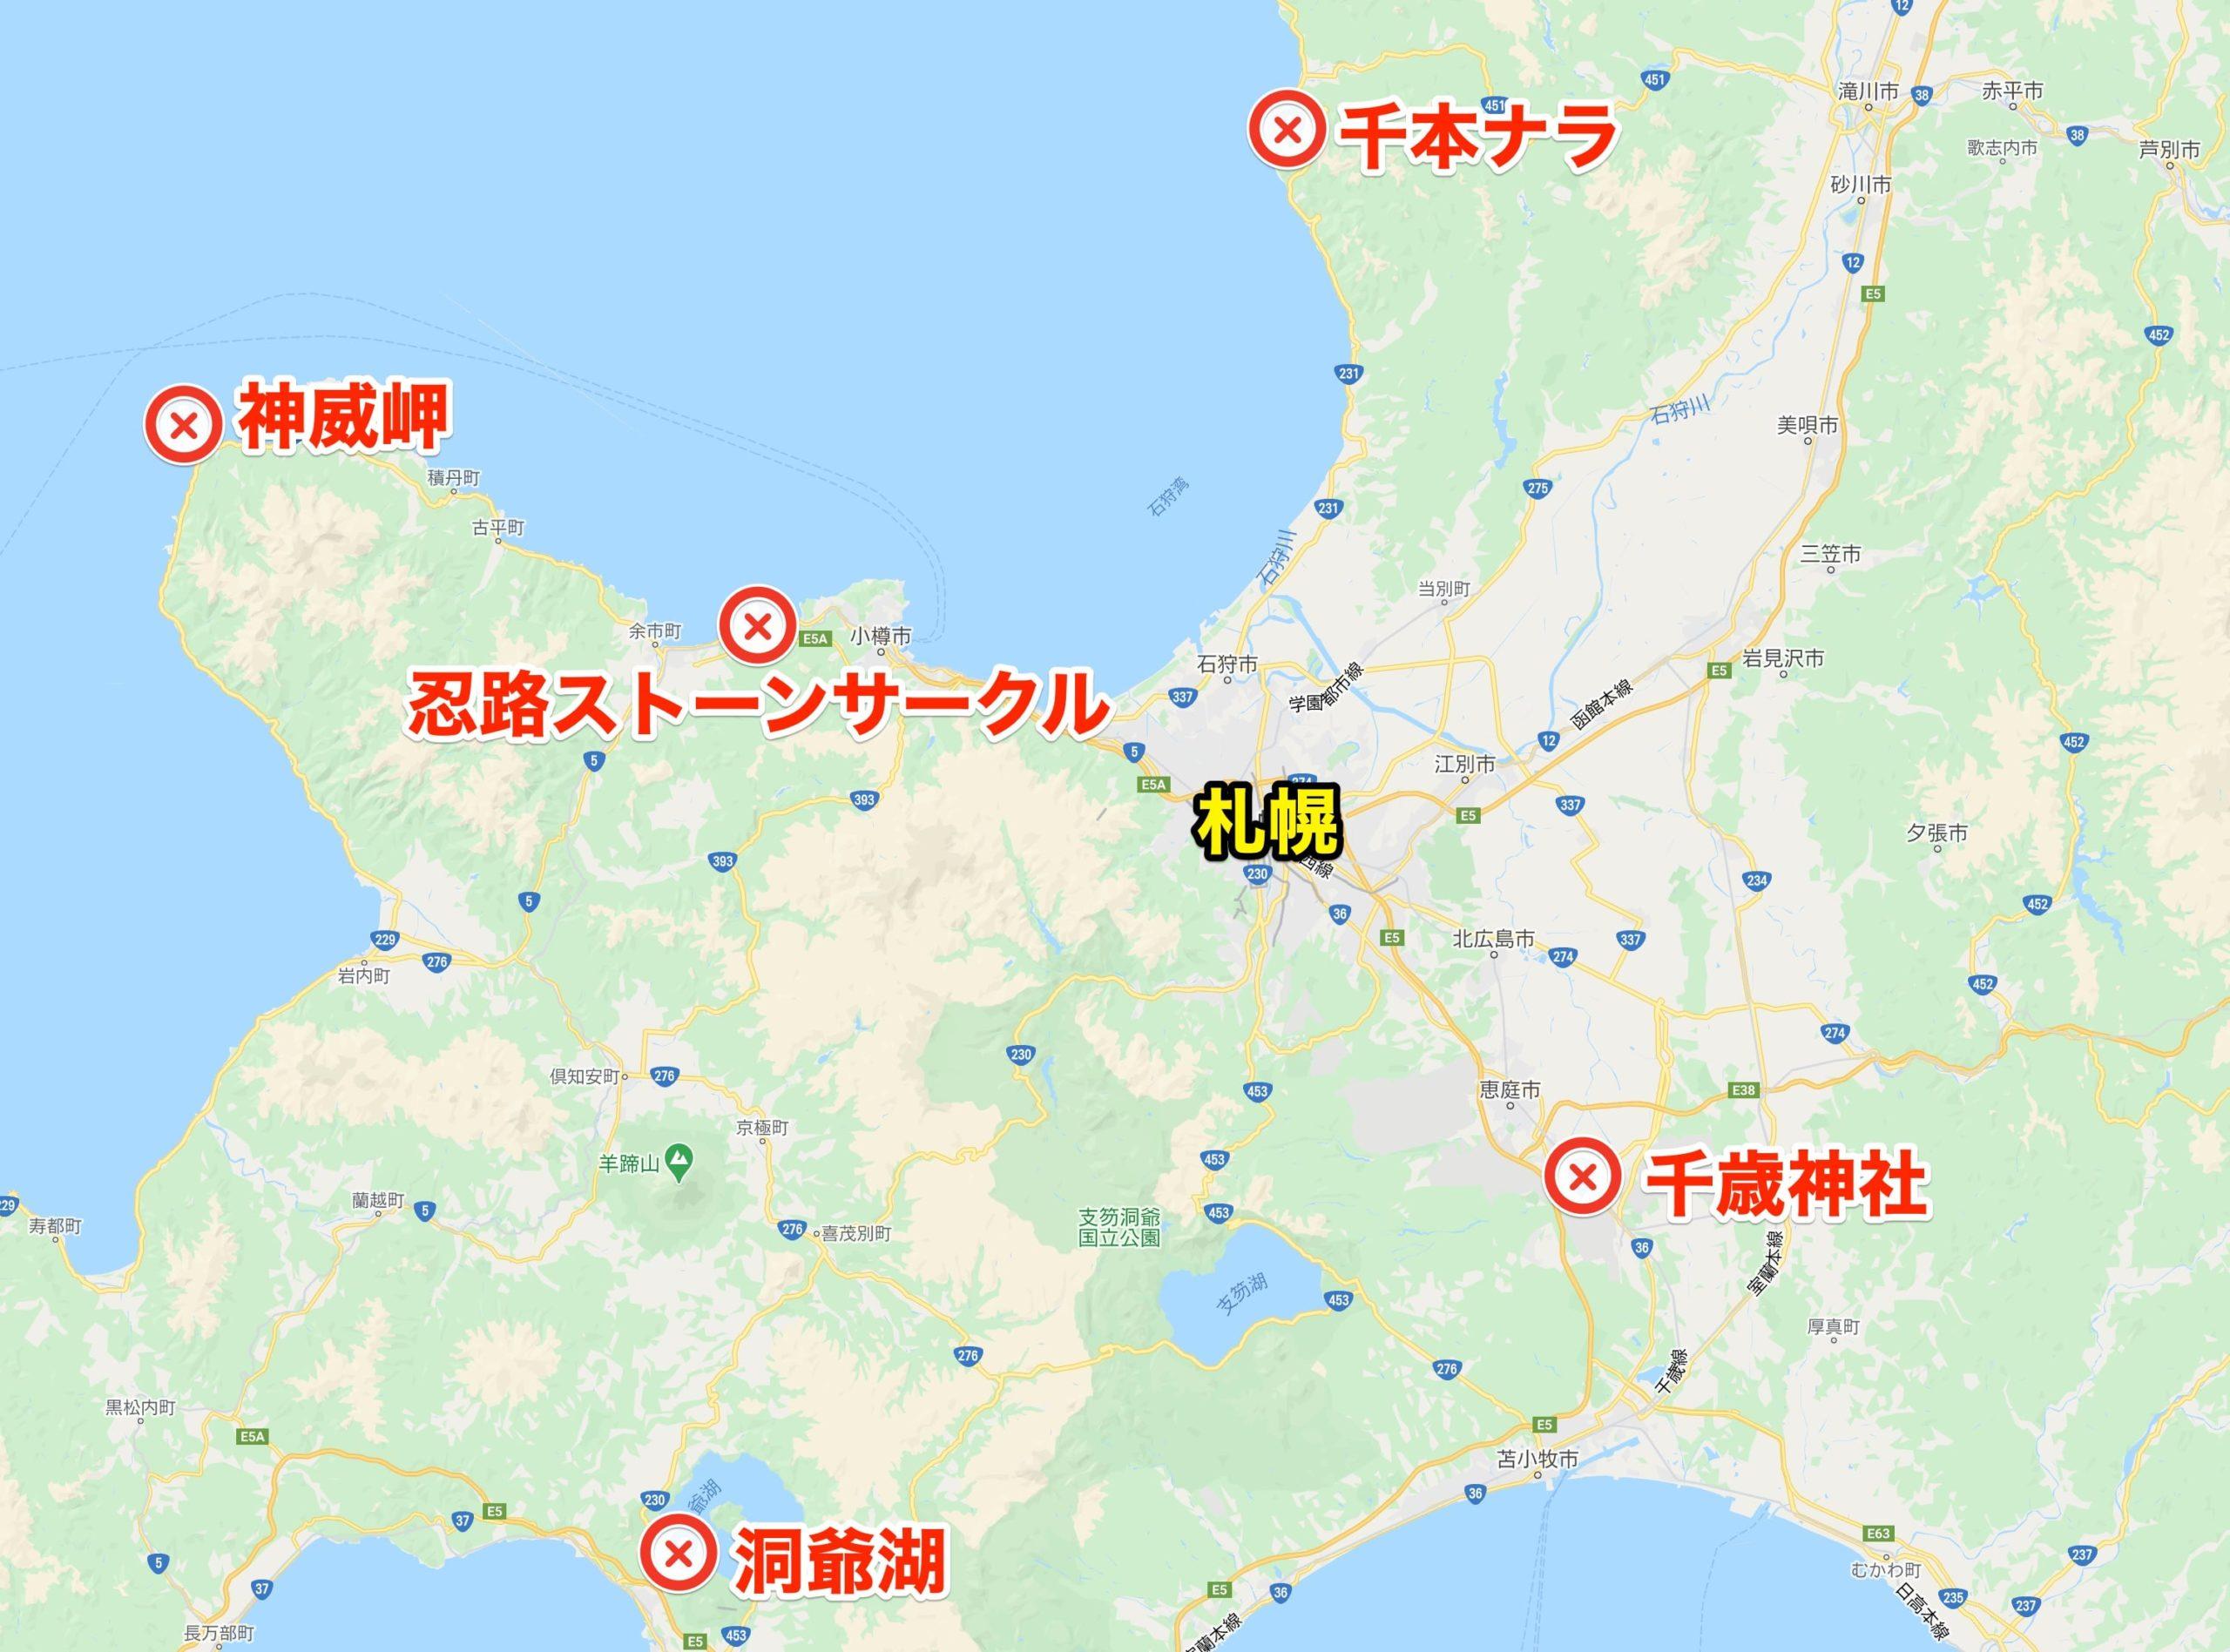 札幌近郊のパワースポット地図